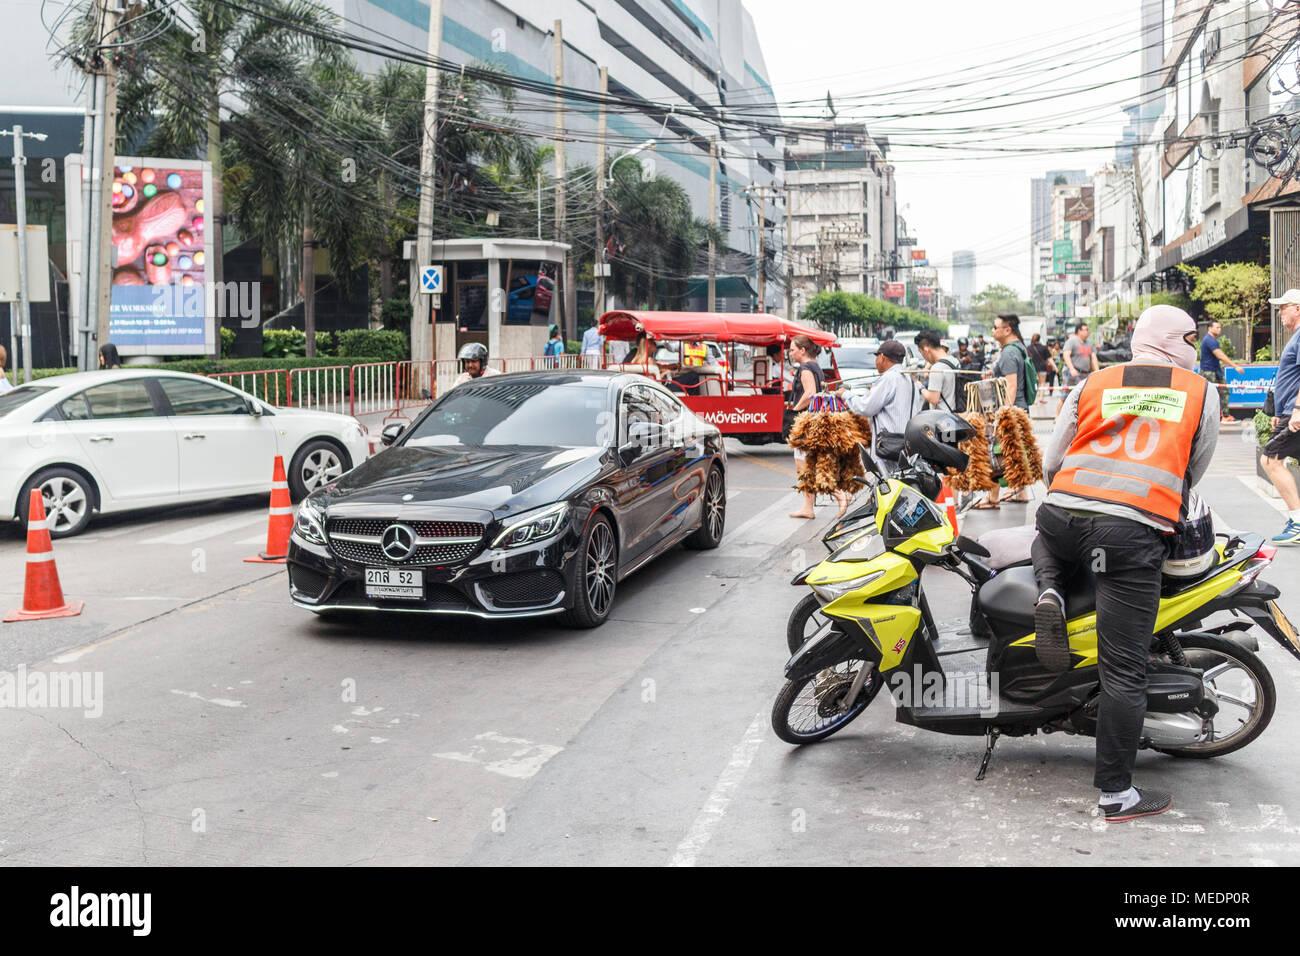 Typische Straße Aktivität, Bangkok, Thailand Stockbild